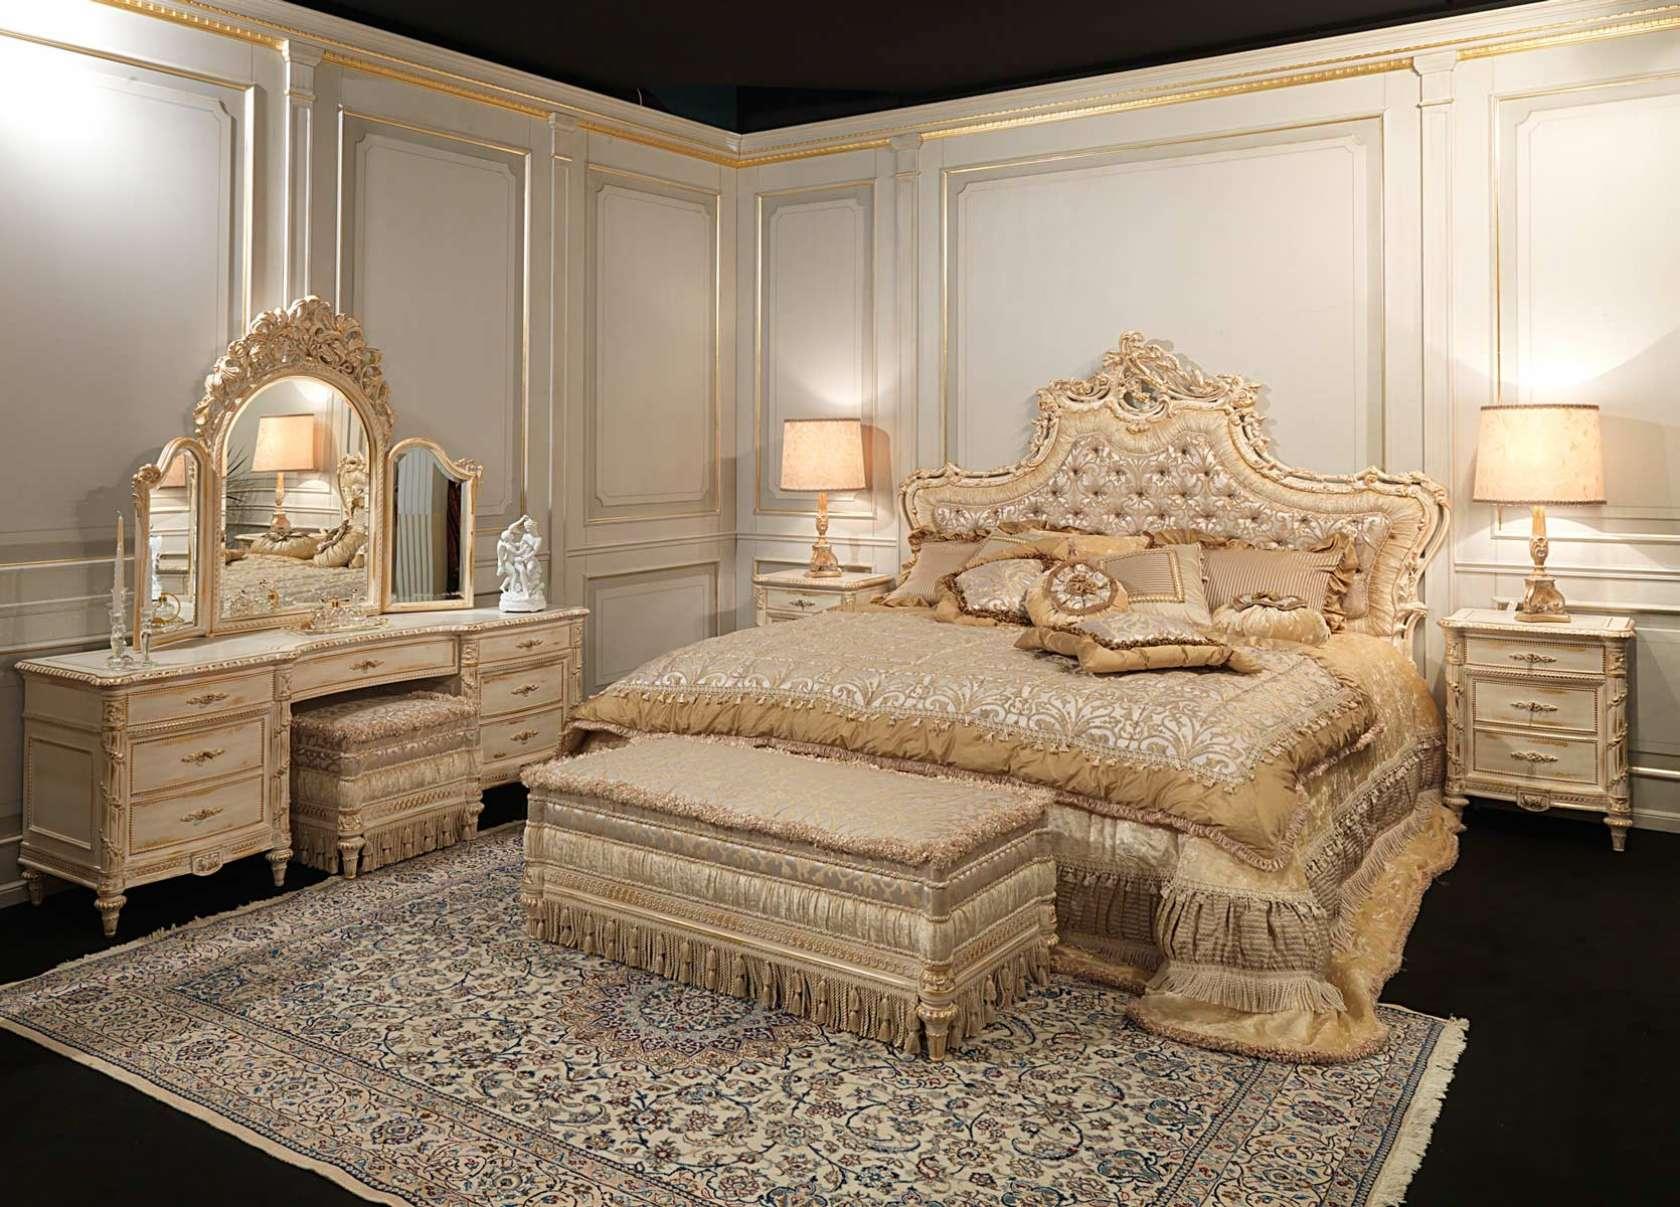 Chambre coucher classique dans le style de louis xvi for Chambre a coucher capitonne